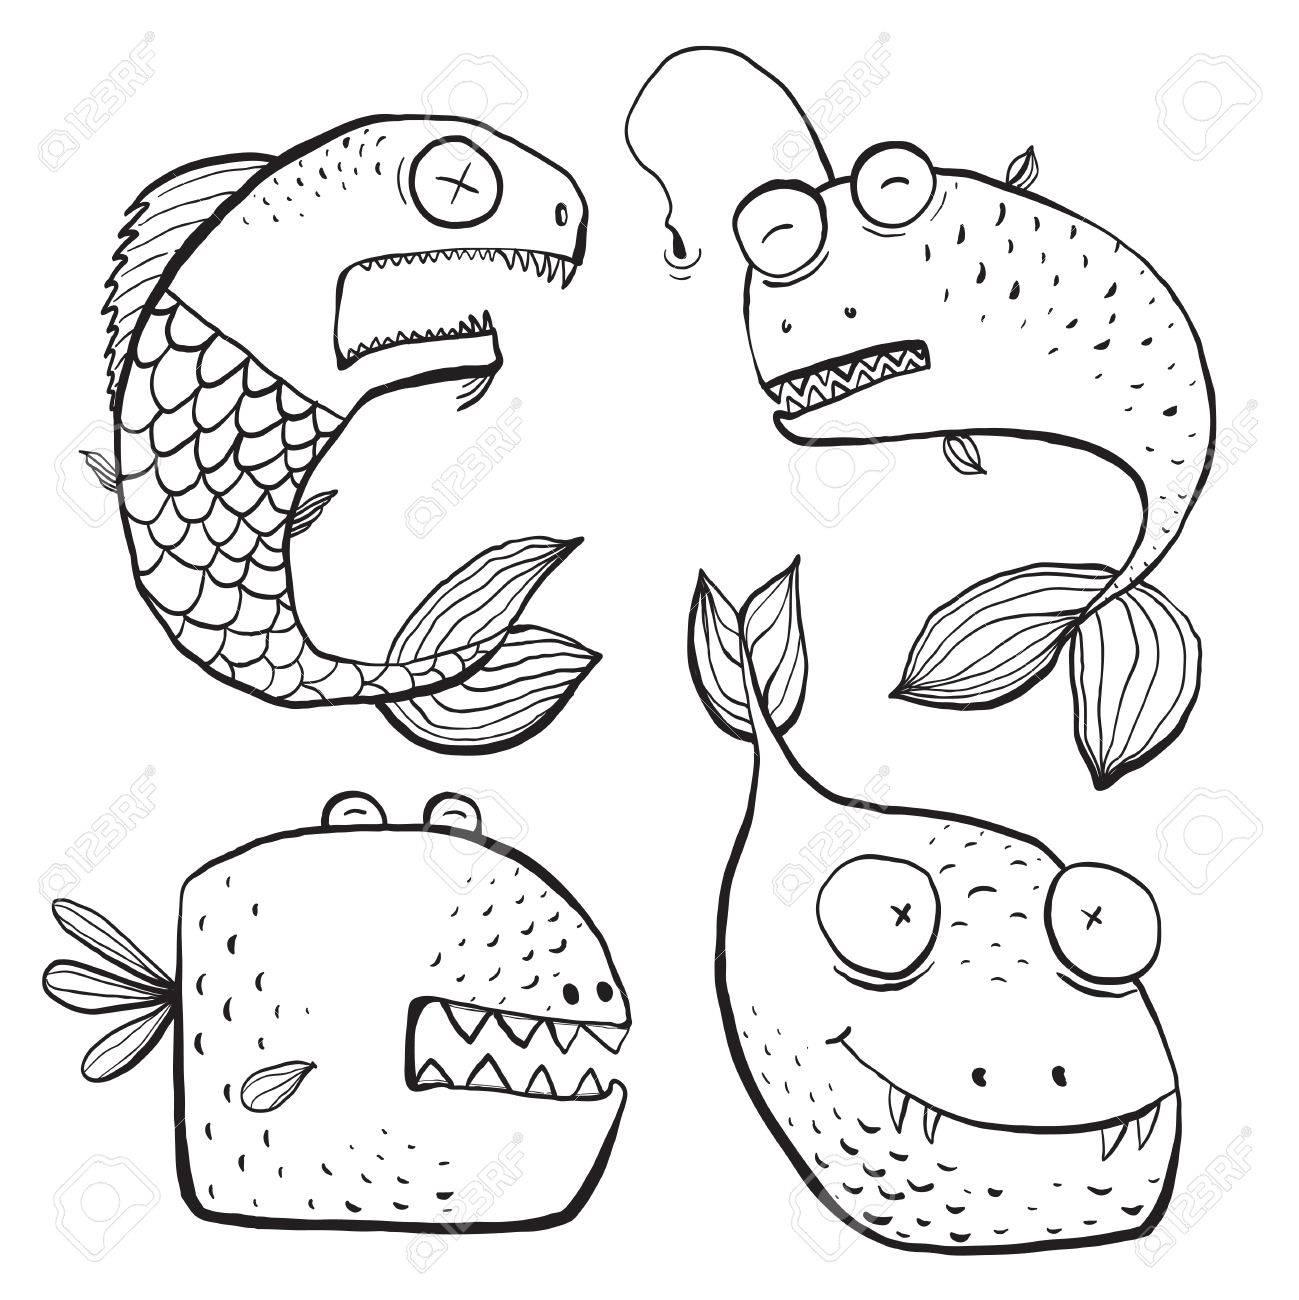 Dessin Au Trait Noir fun trait noir et blanc art poisson personnage coloring book dessin